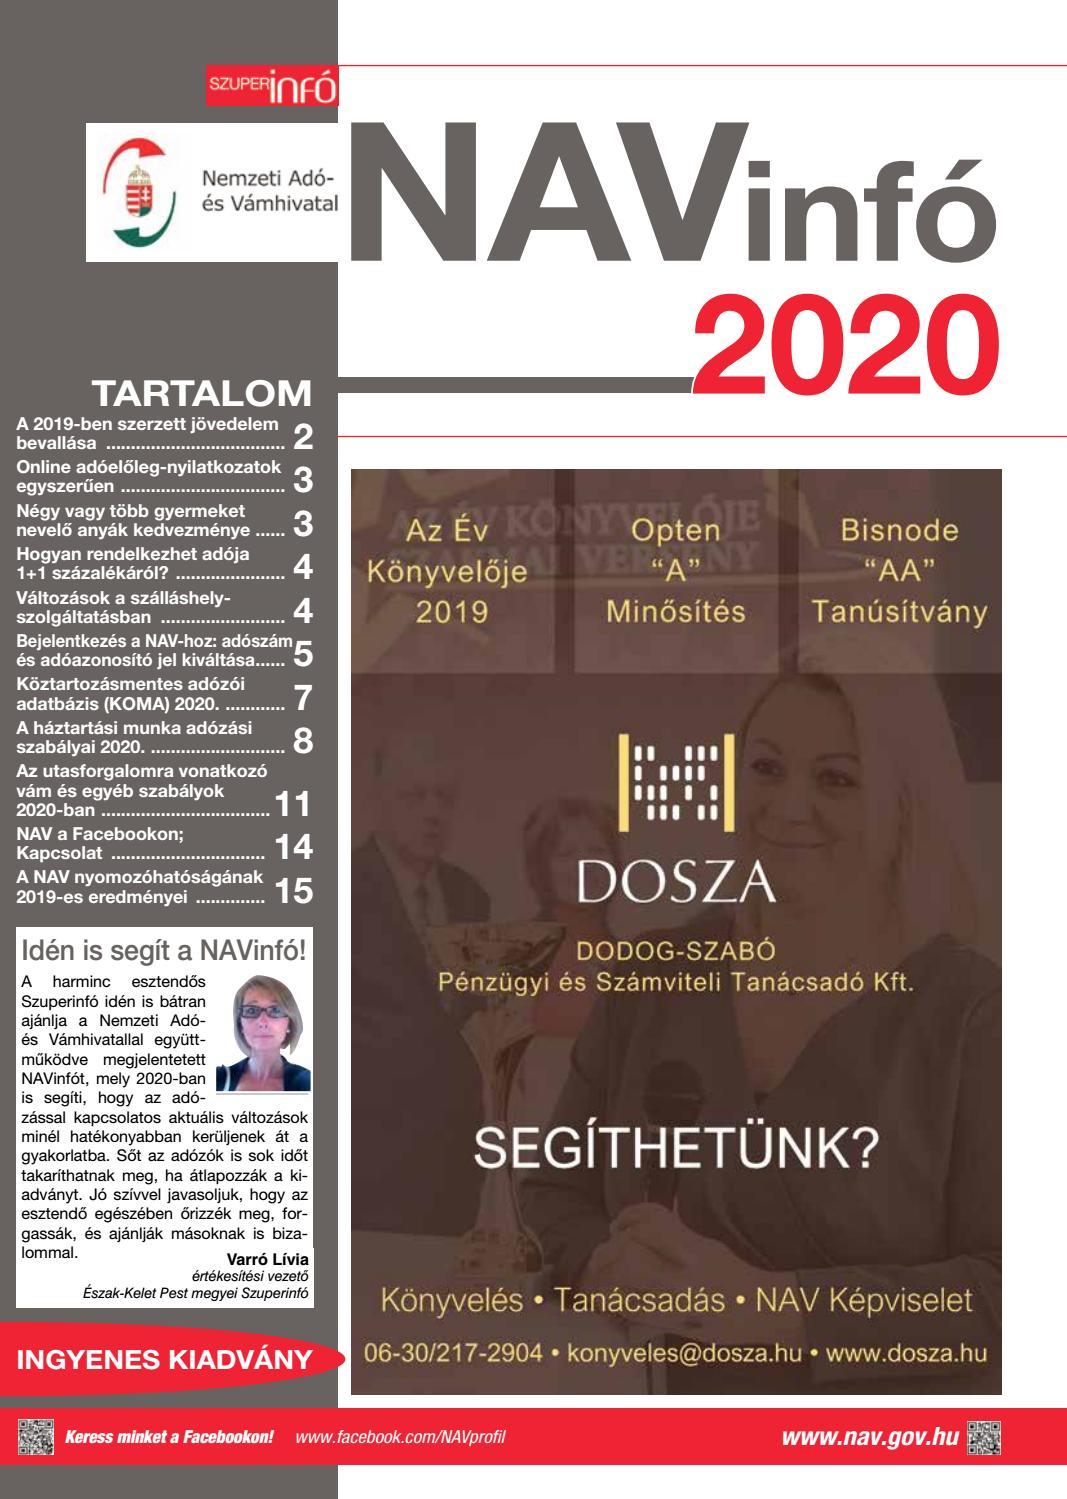 internetes jövedelem 2020-ban)